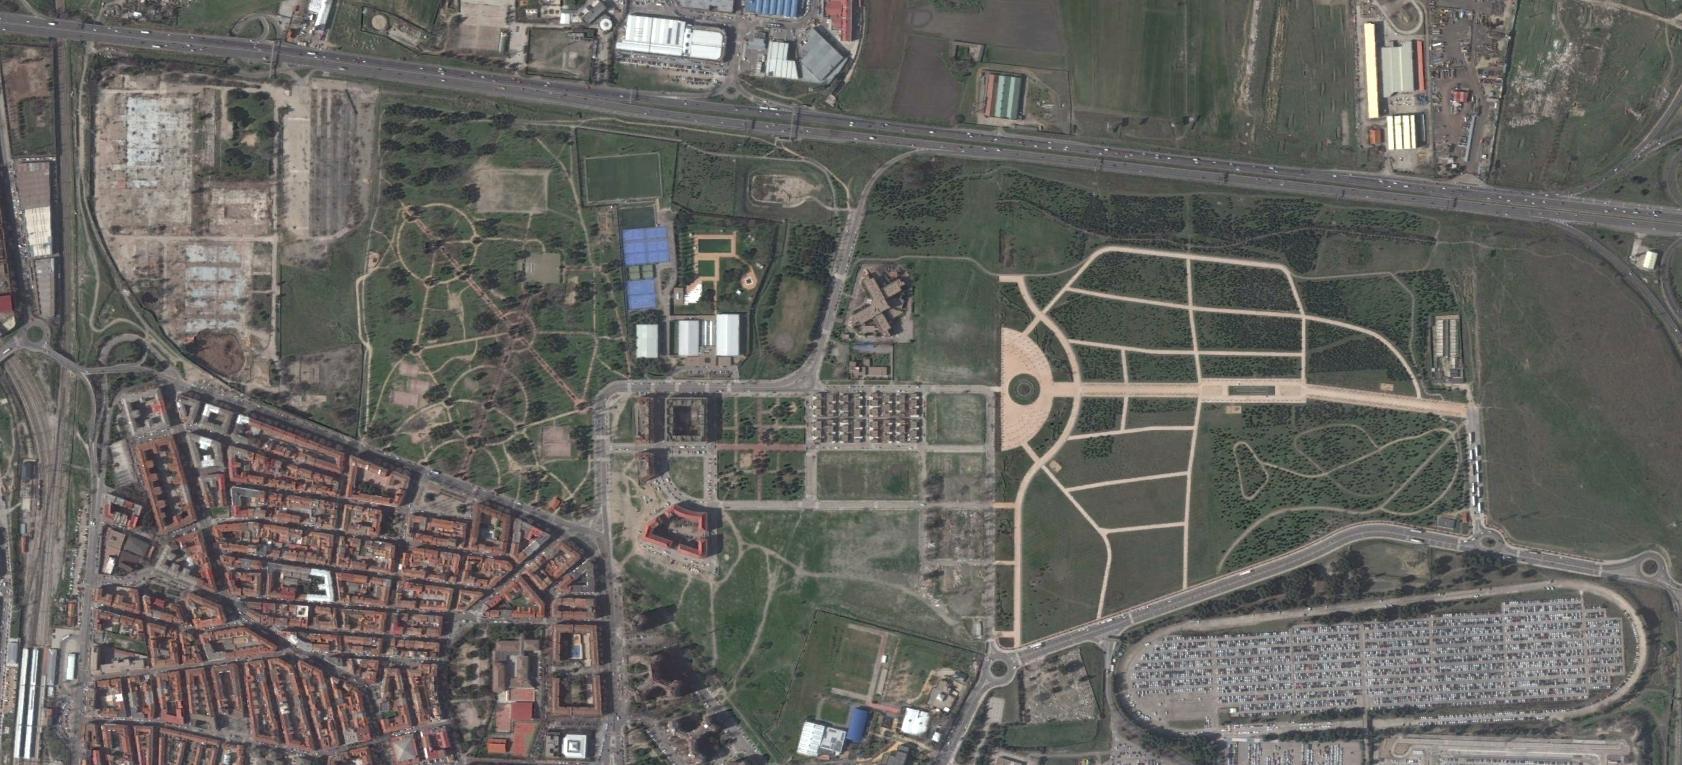 villaverde, madrid, greenville, después, urbanismo, planeamiento, urbano, desastre, urbanístico, construcción, rotondas, carretera